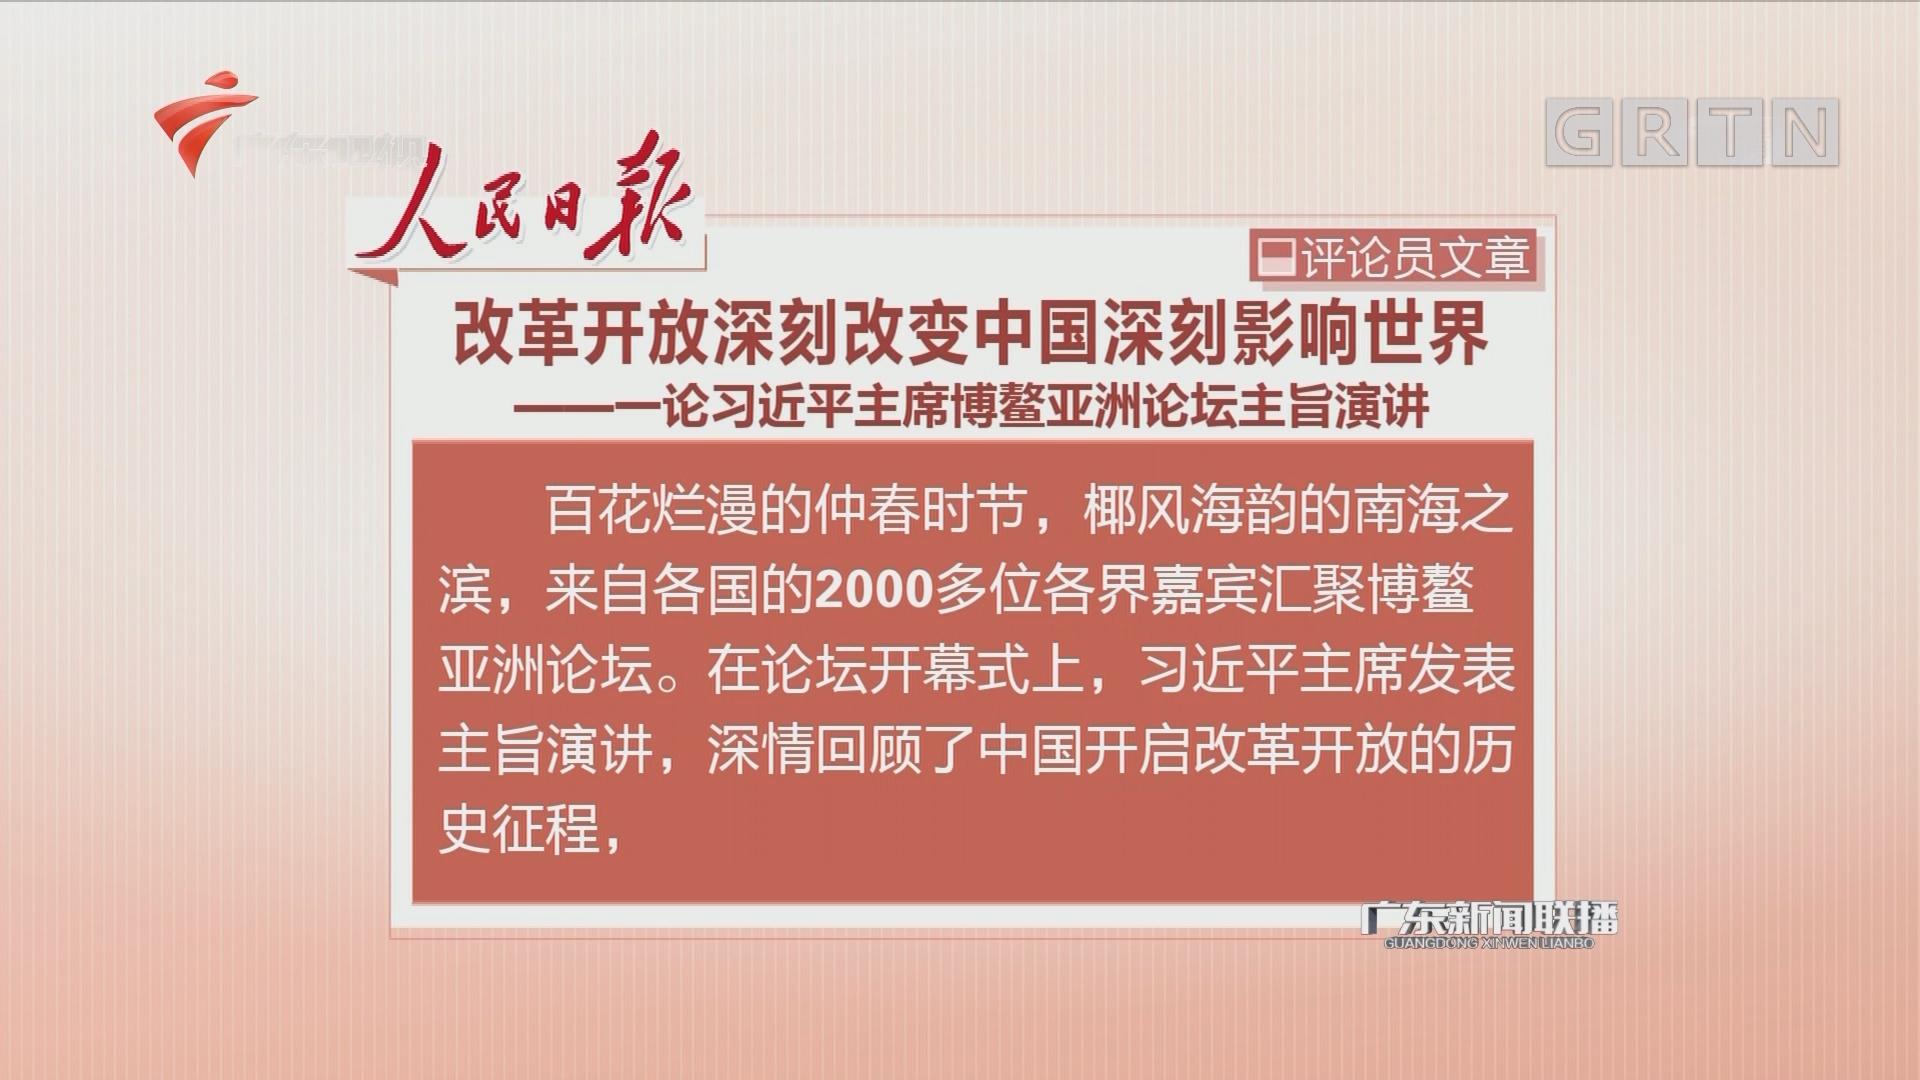 人民日报评论员文章:改革开放深刻改变中国深刻影响世界——一论习近平主席博鳌亚洲论坛主旨演讲